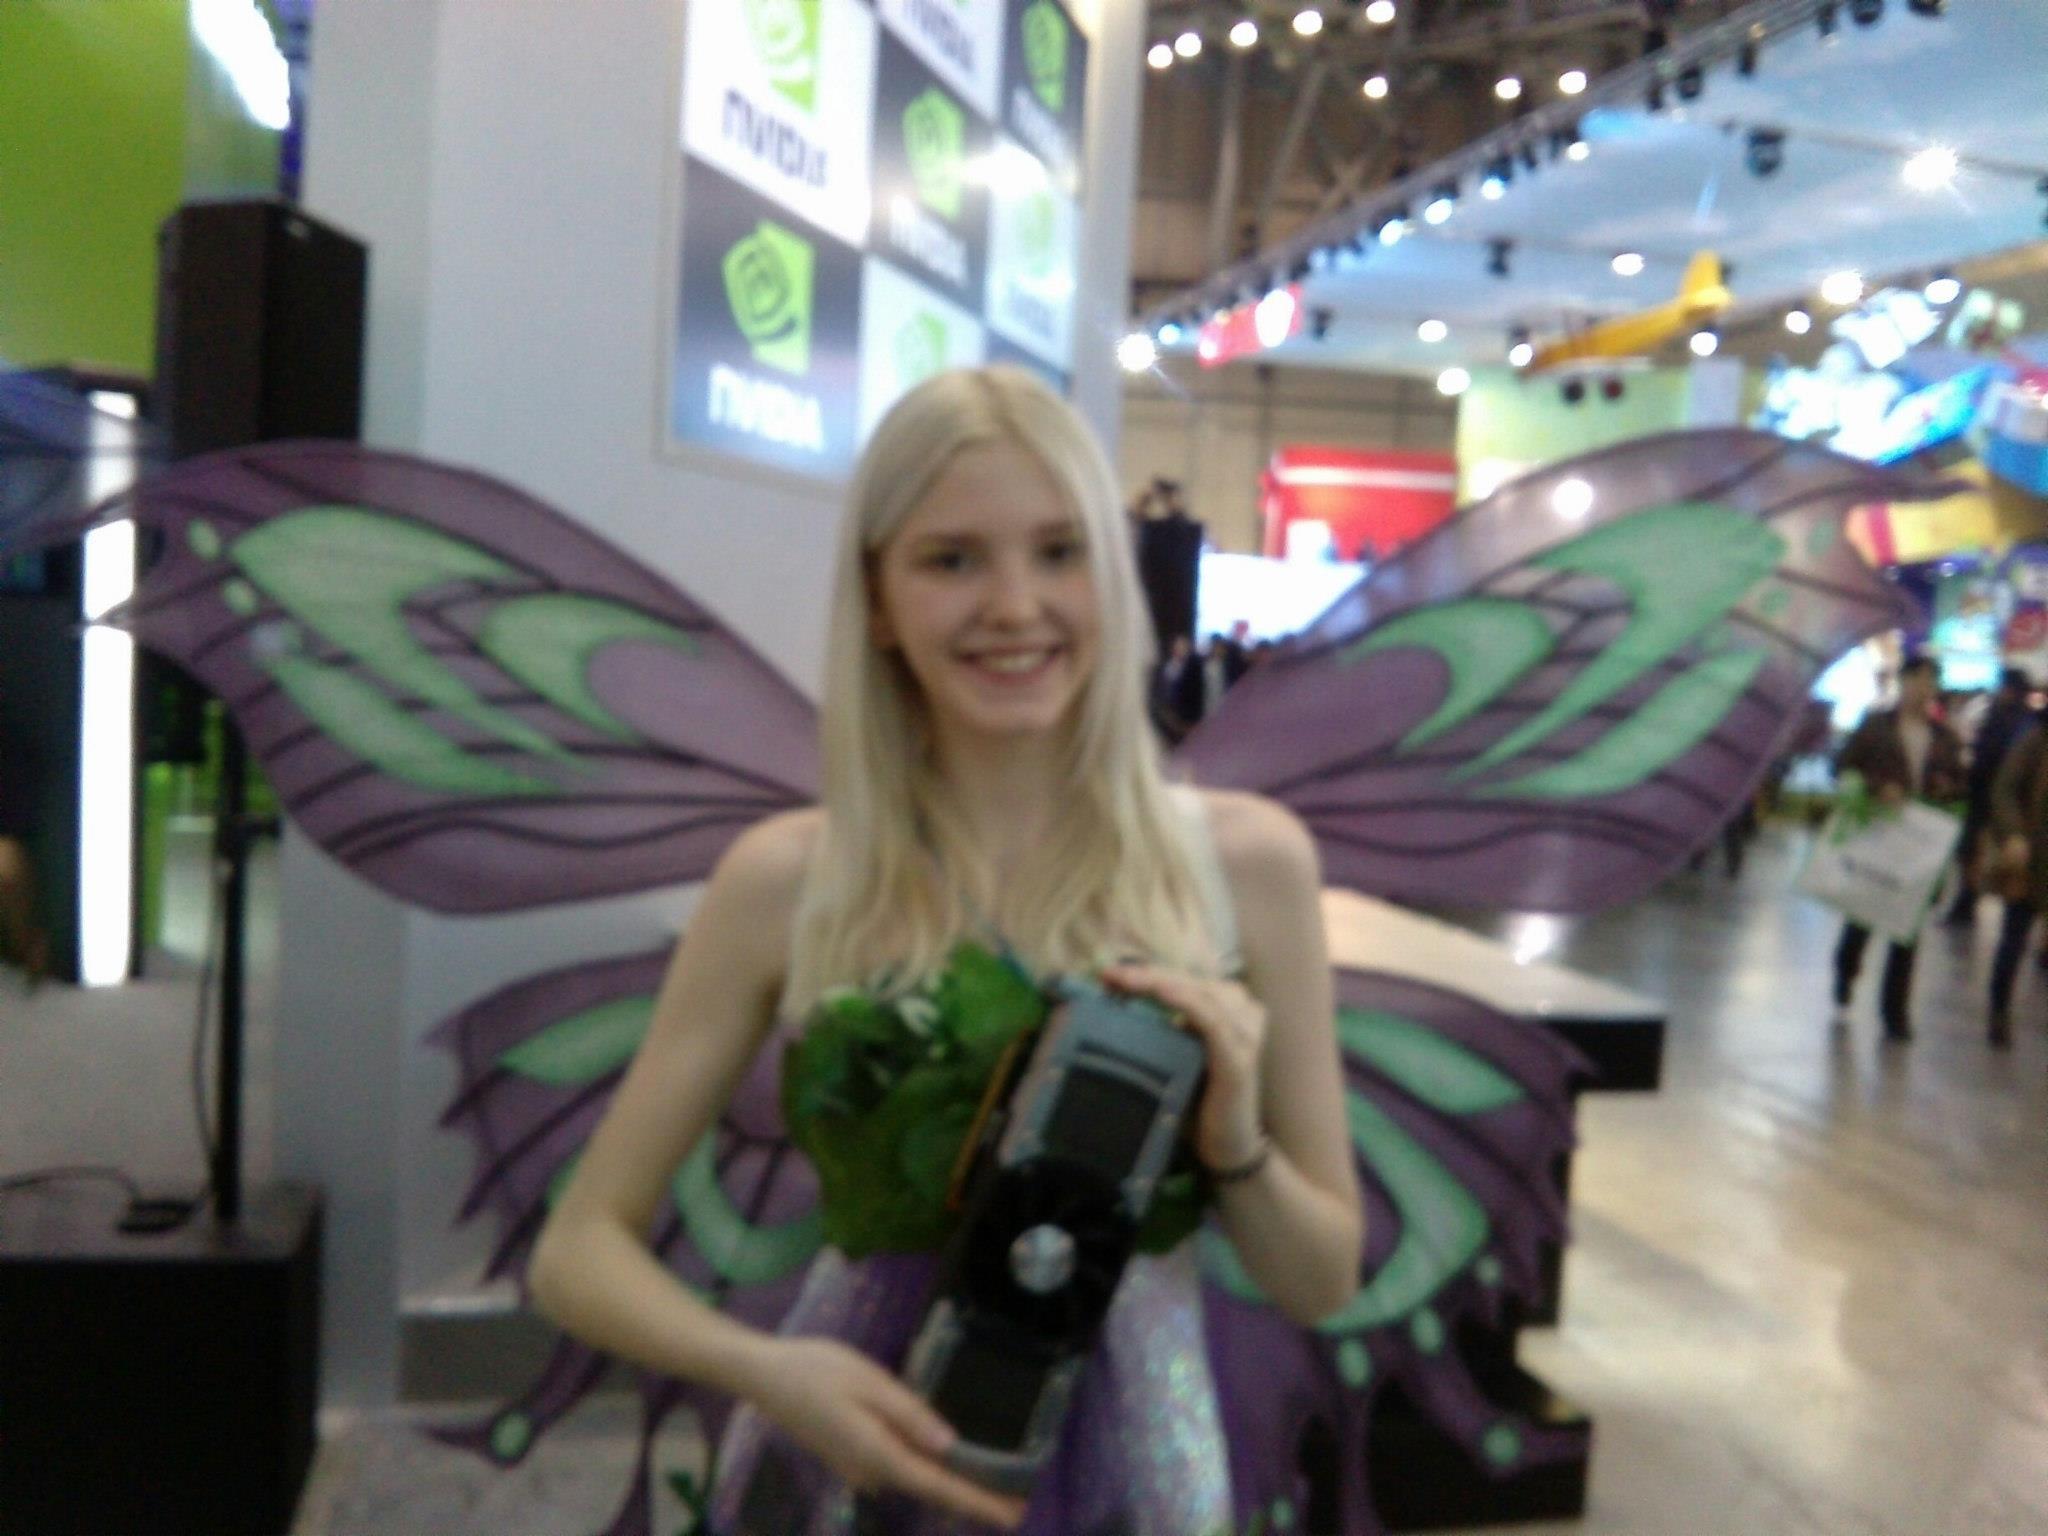 wingedhussar